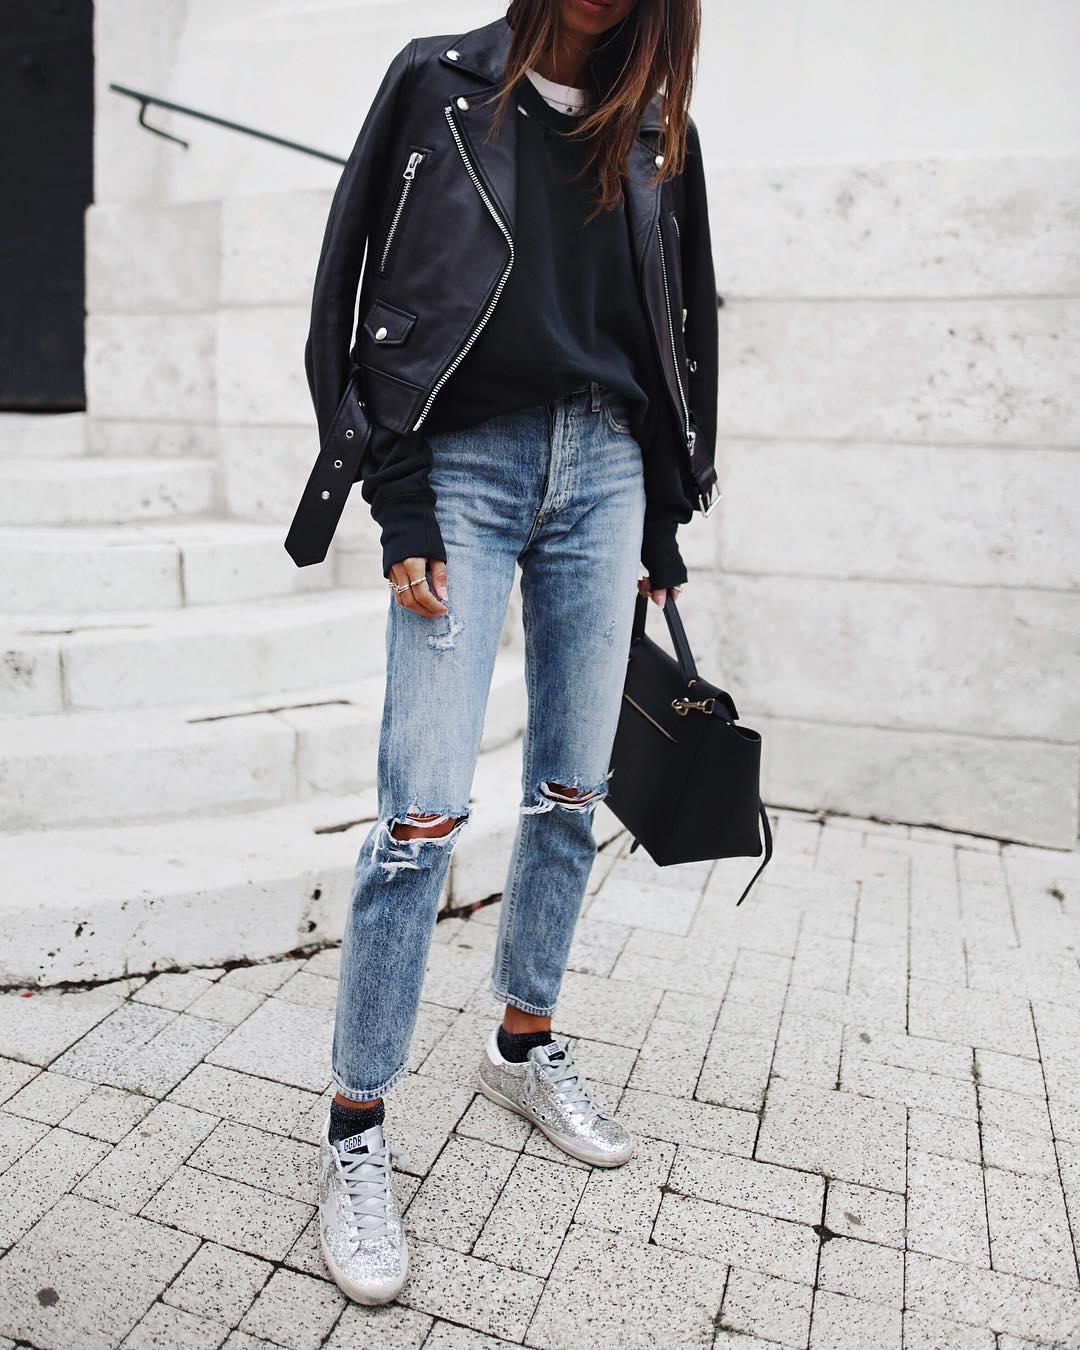 джинсы с кроссовками фото 10